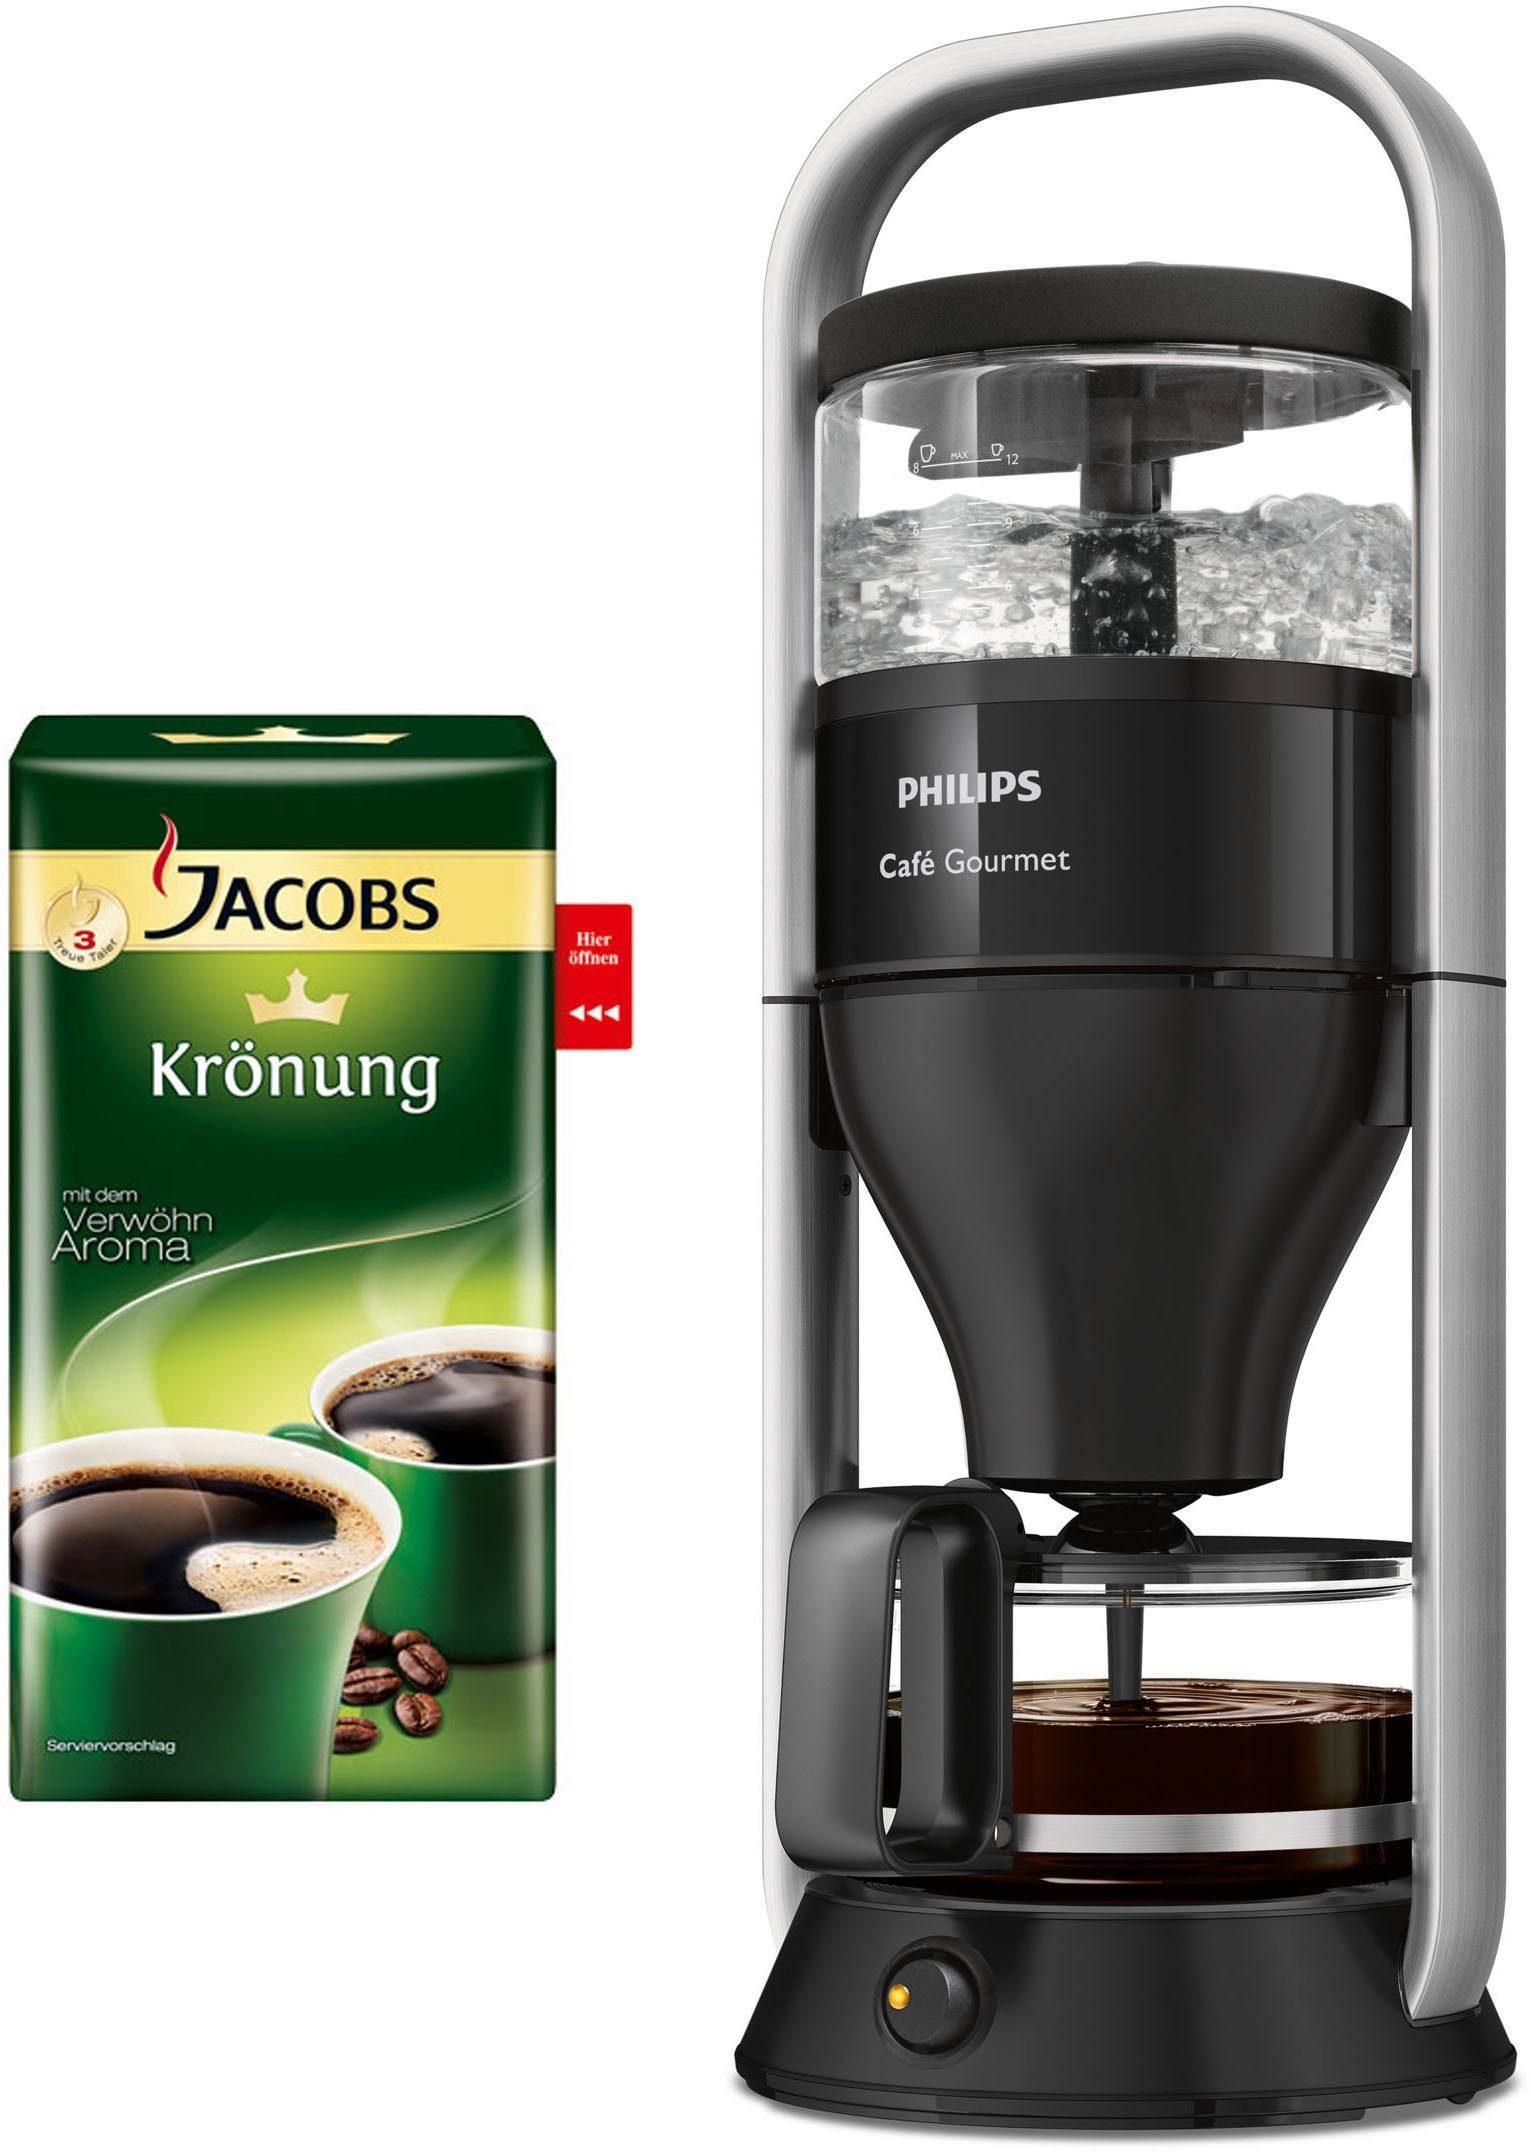 Philips Filterkaffeemaschine HD5408/29 Café Gourmet, 1 x 4, inkl. 500g Jacobs Krönung, 1l Kaffeekanne, Papierfilter